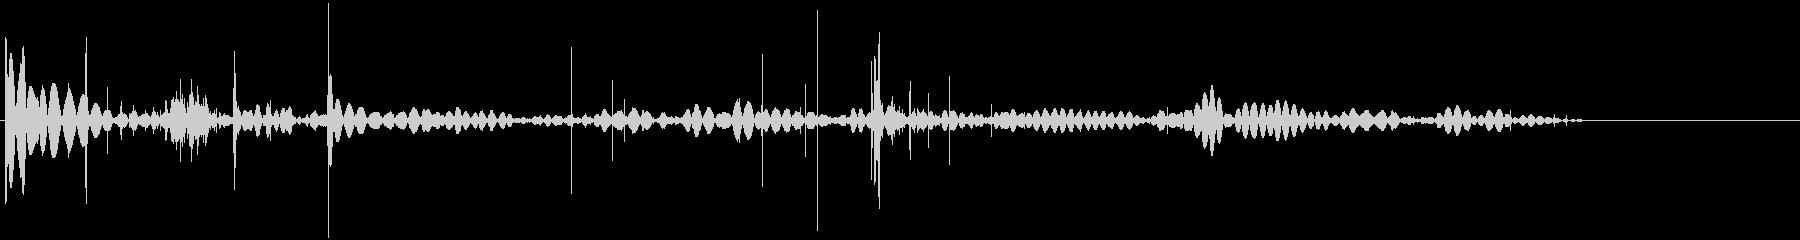 静的記録4の未再生の波形